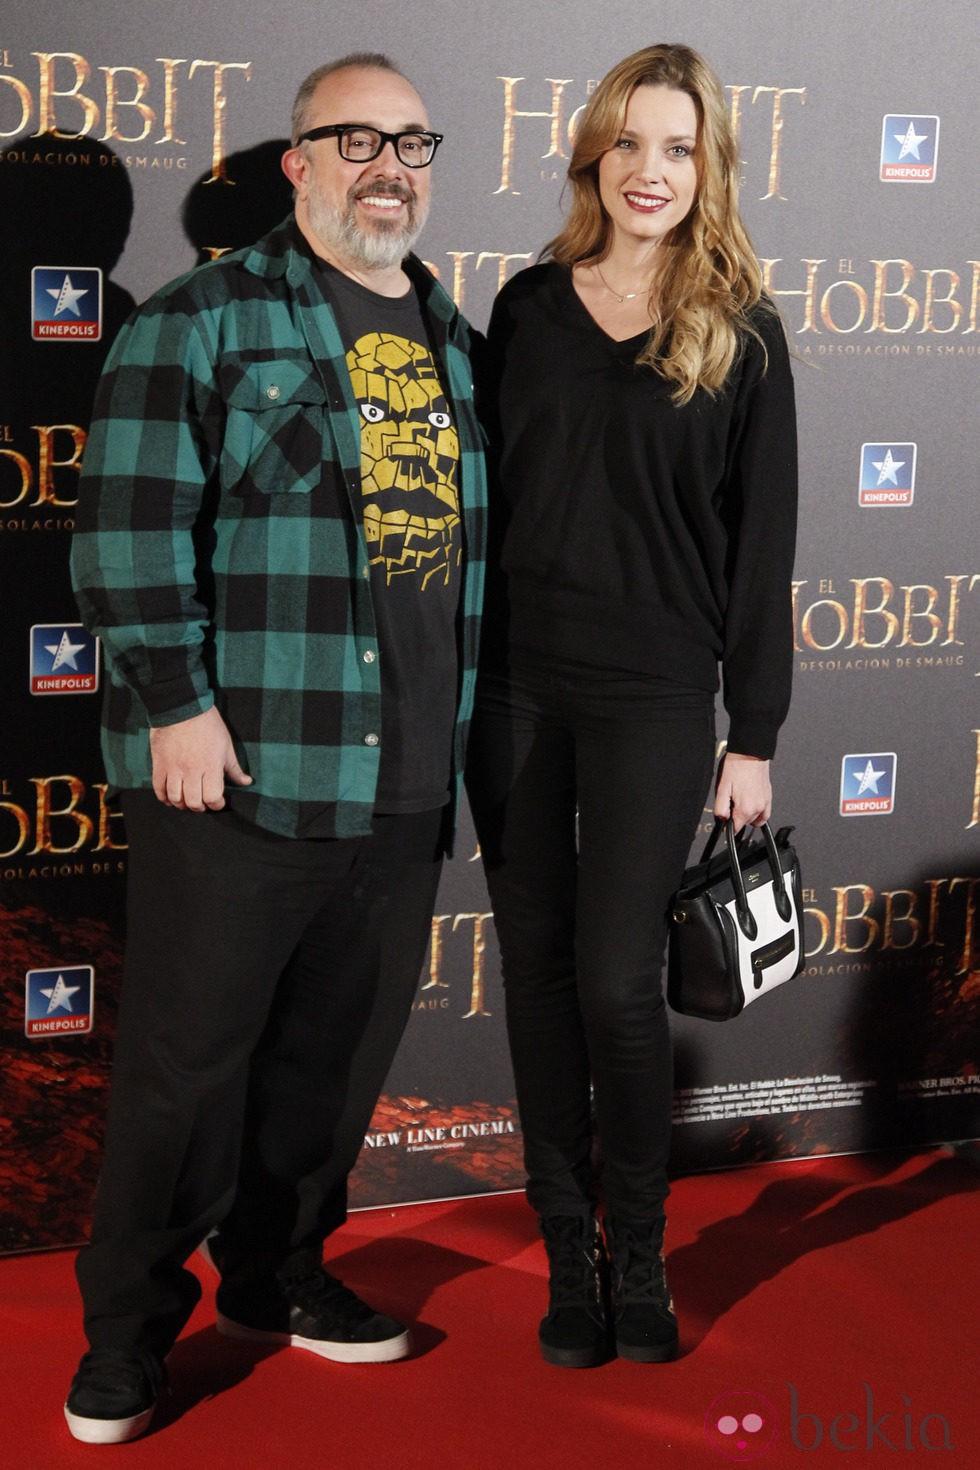 Álex de la Iglesia y Carolina Bang en el estreno de 'El Hobbit: La desolación de Smaug' en Madrid